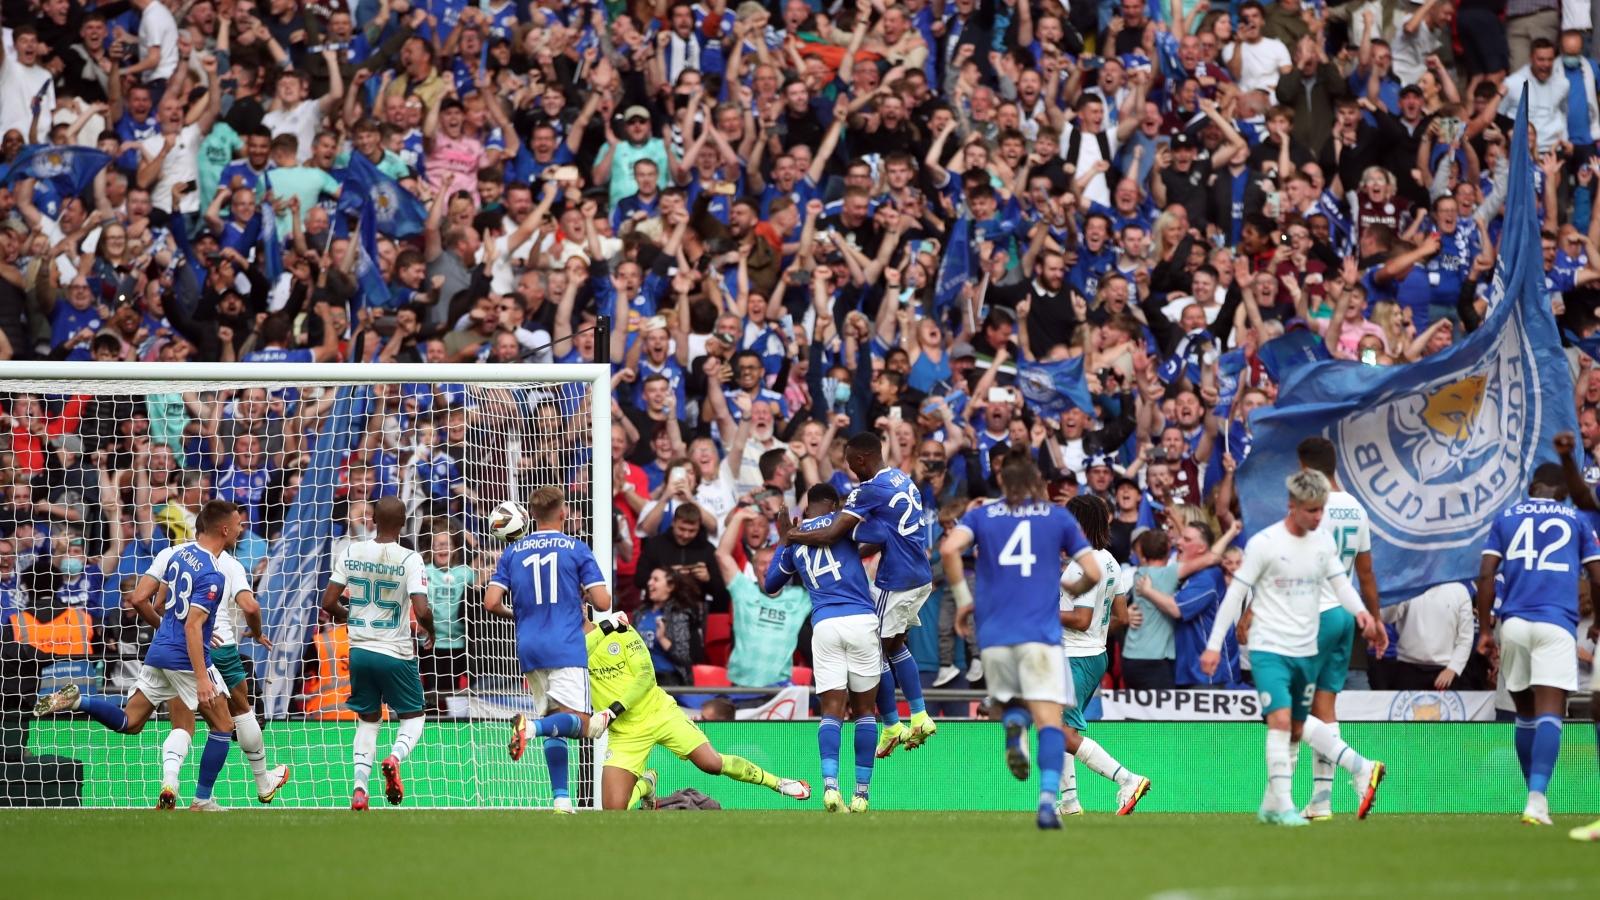 Ghi bàn kịch tính phút 89, Leicester City đả bại Man City để giành Siêu cúp Anh